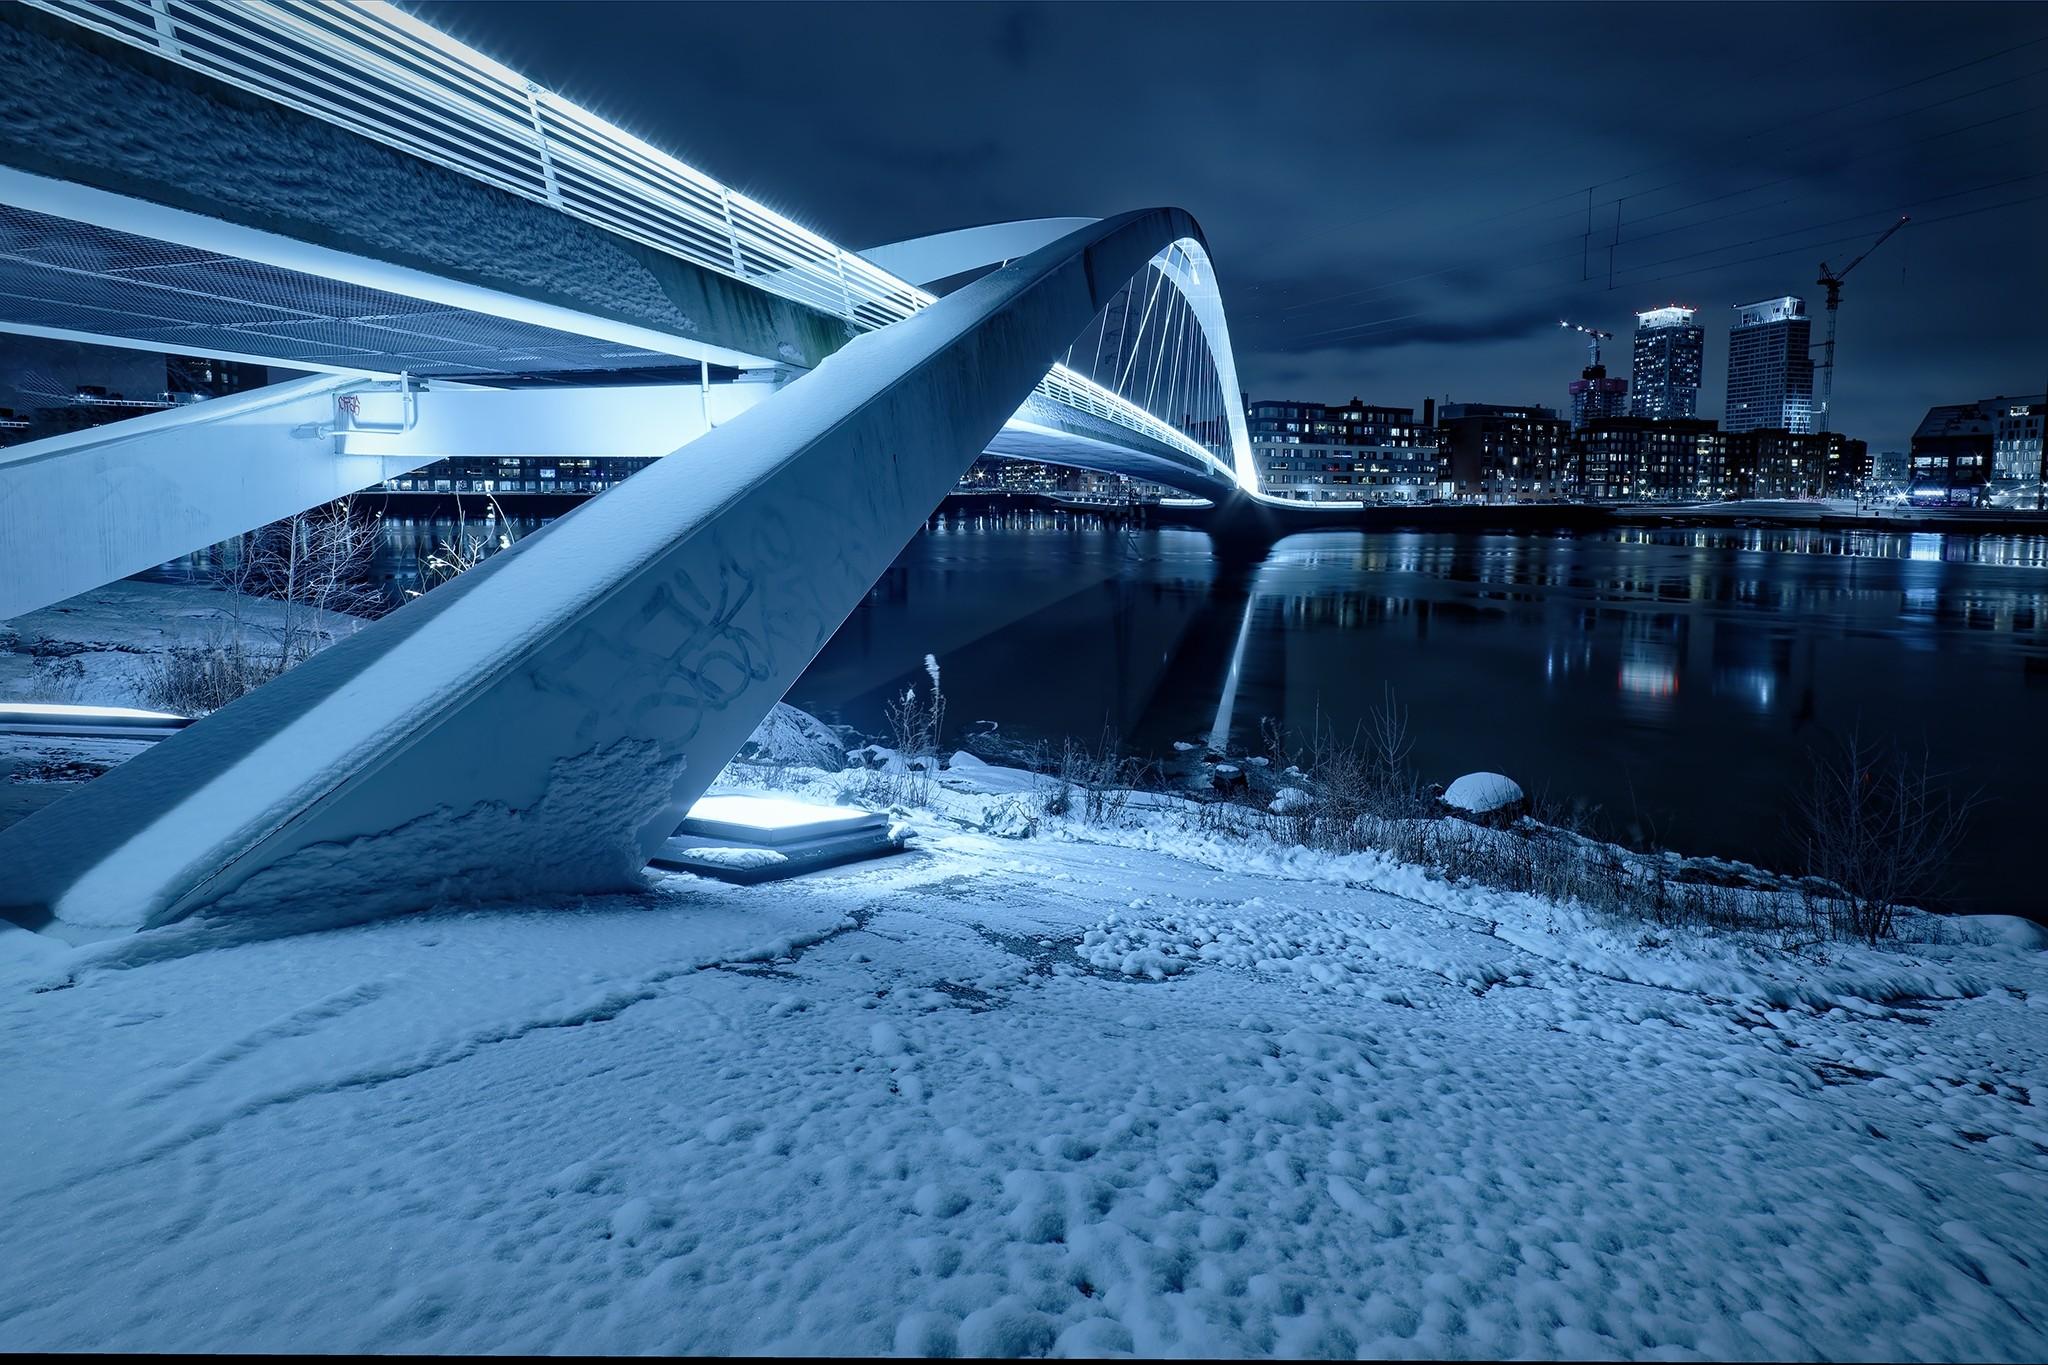 Helsinki Finland Suomi isoisansilta bridge